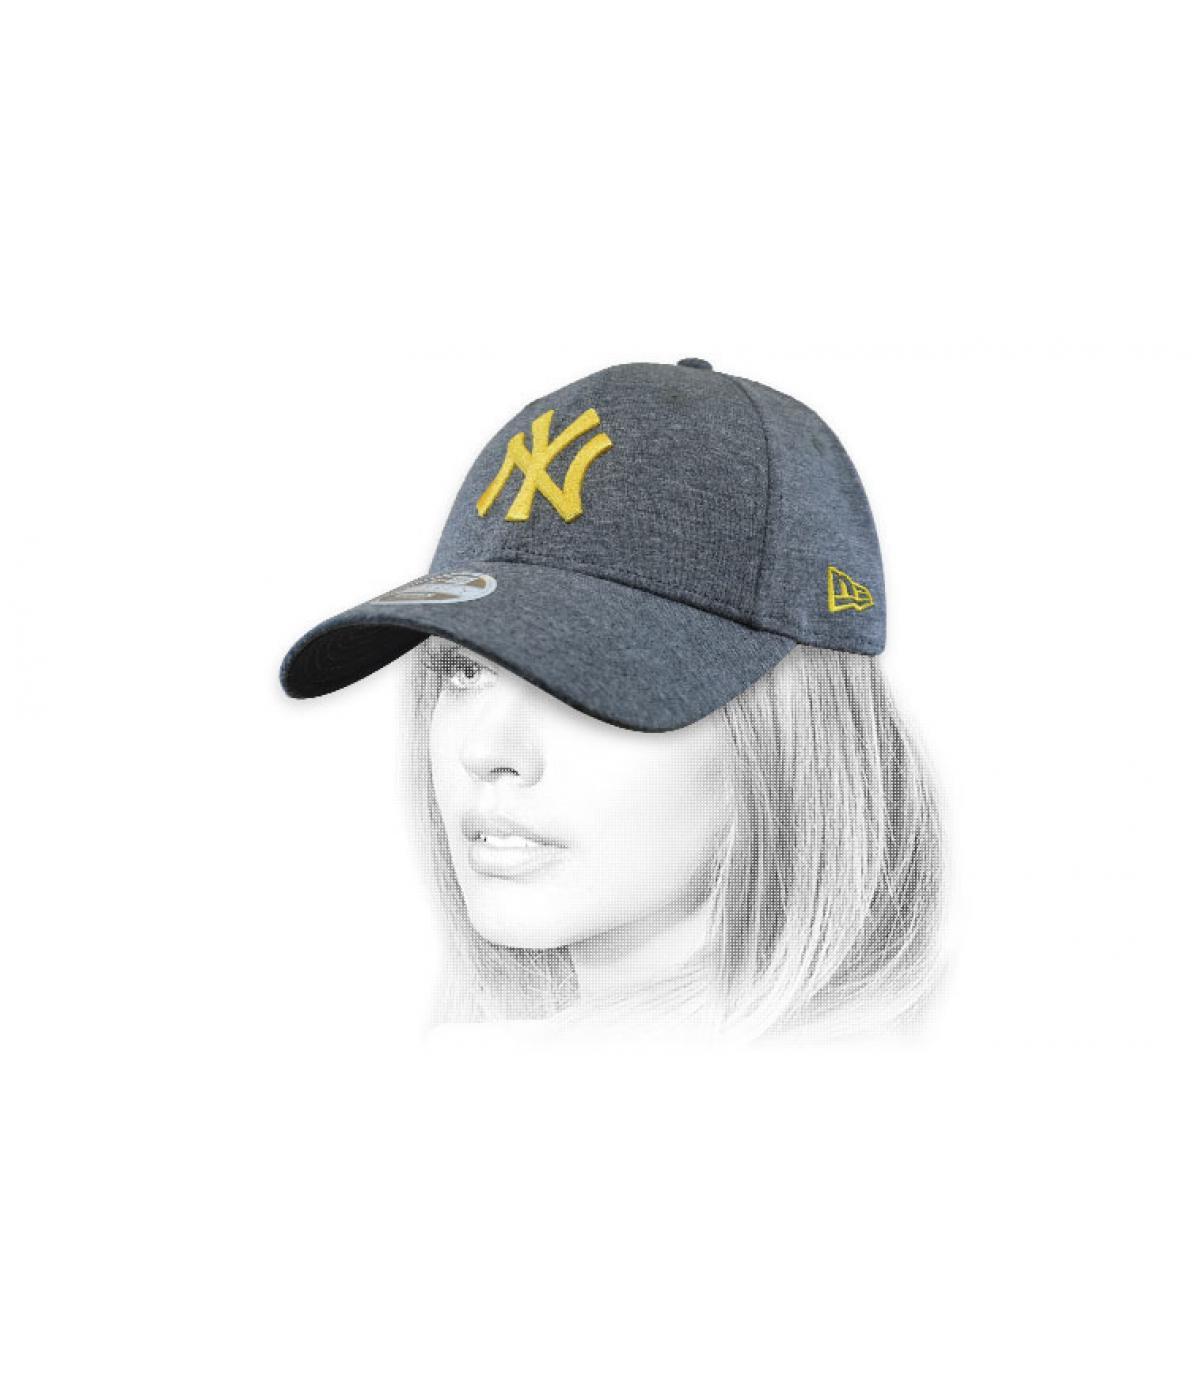 gorra mujer NY gris oro